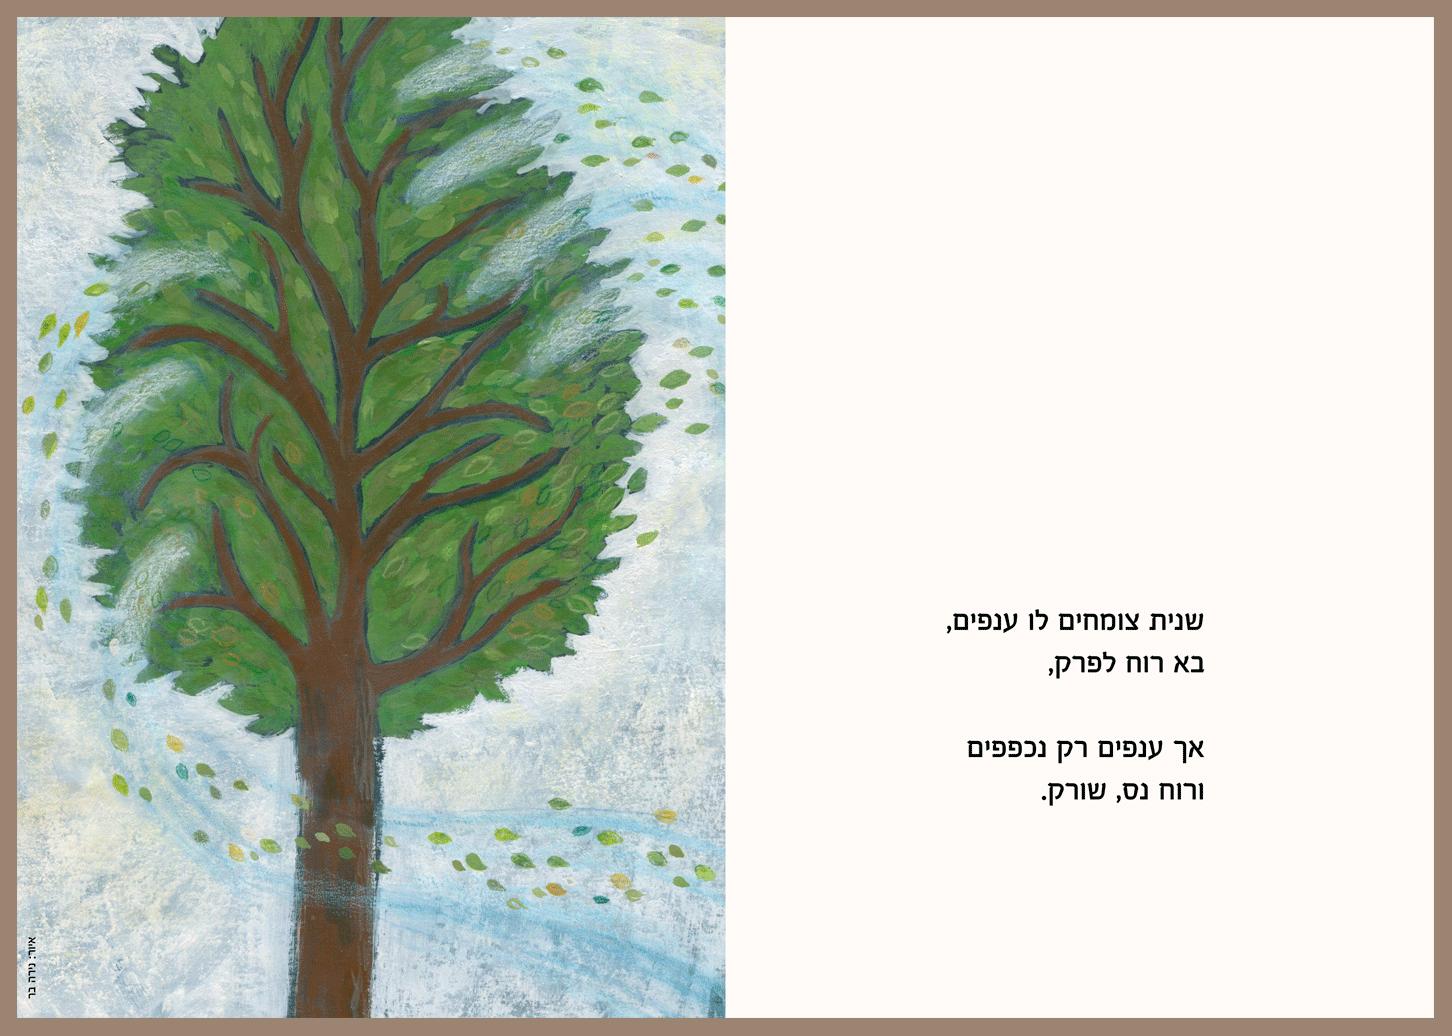 אגסים איור שיר(3)Pears poem